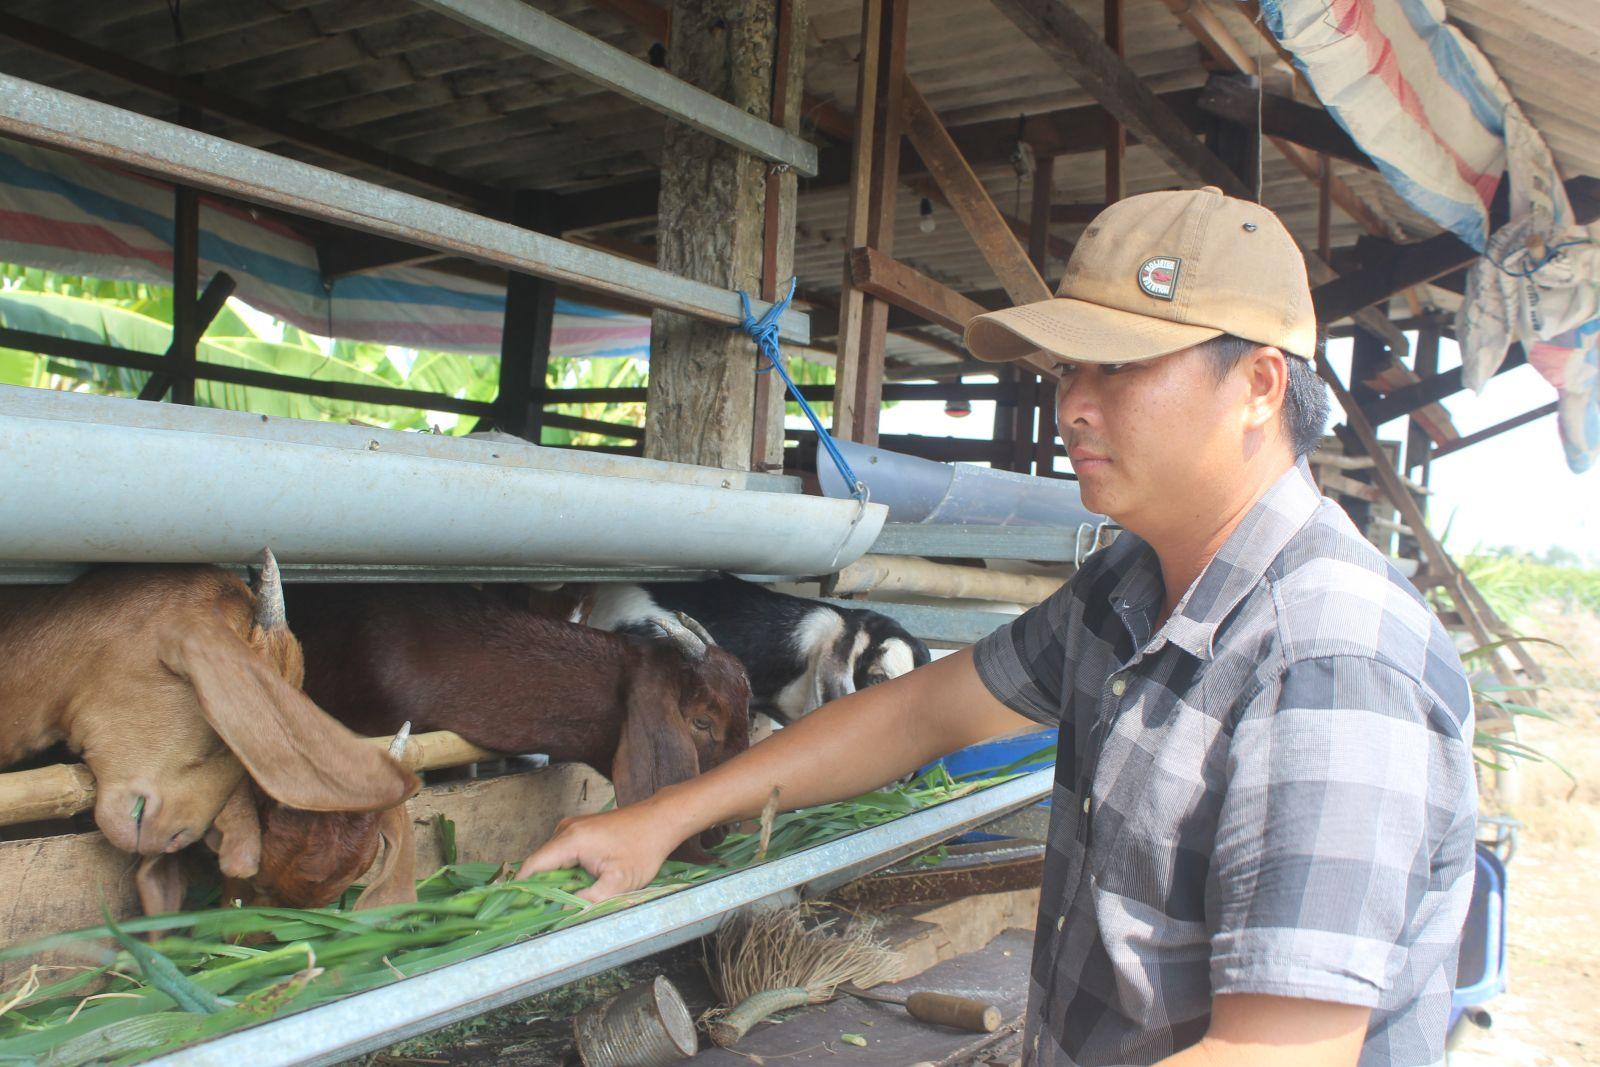 Chưa đến 100m2 nhưng mô hình chăn nuôi dê của anh Linh đang mang lại hiệu quả kinh tế rất cao, bình quân lợi nhuận trên 100 triệu đồng/năm